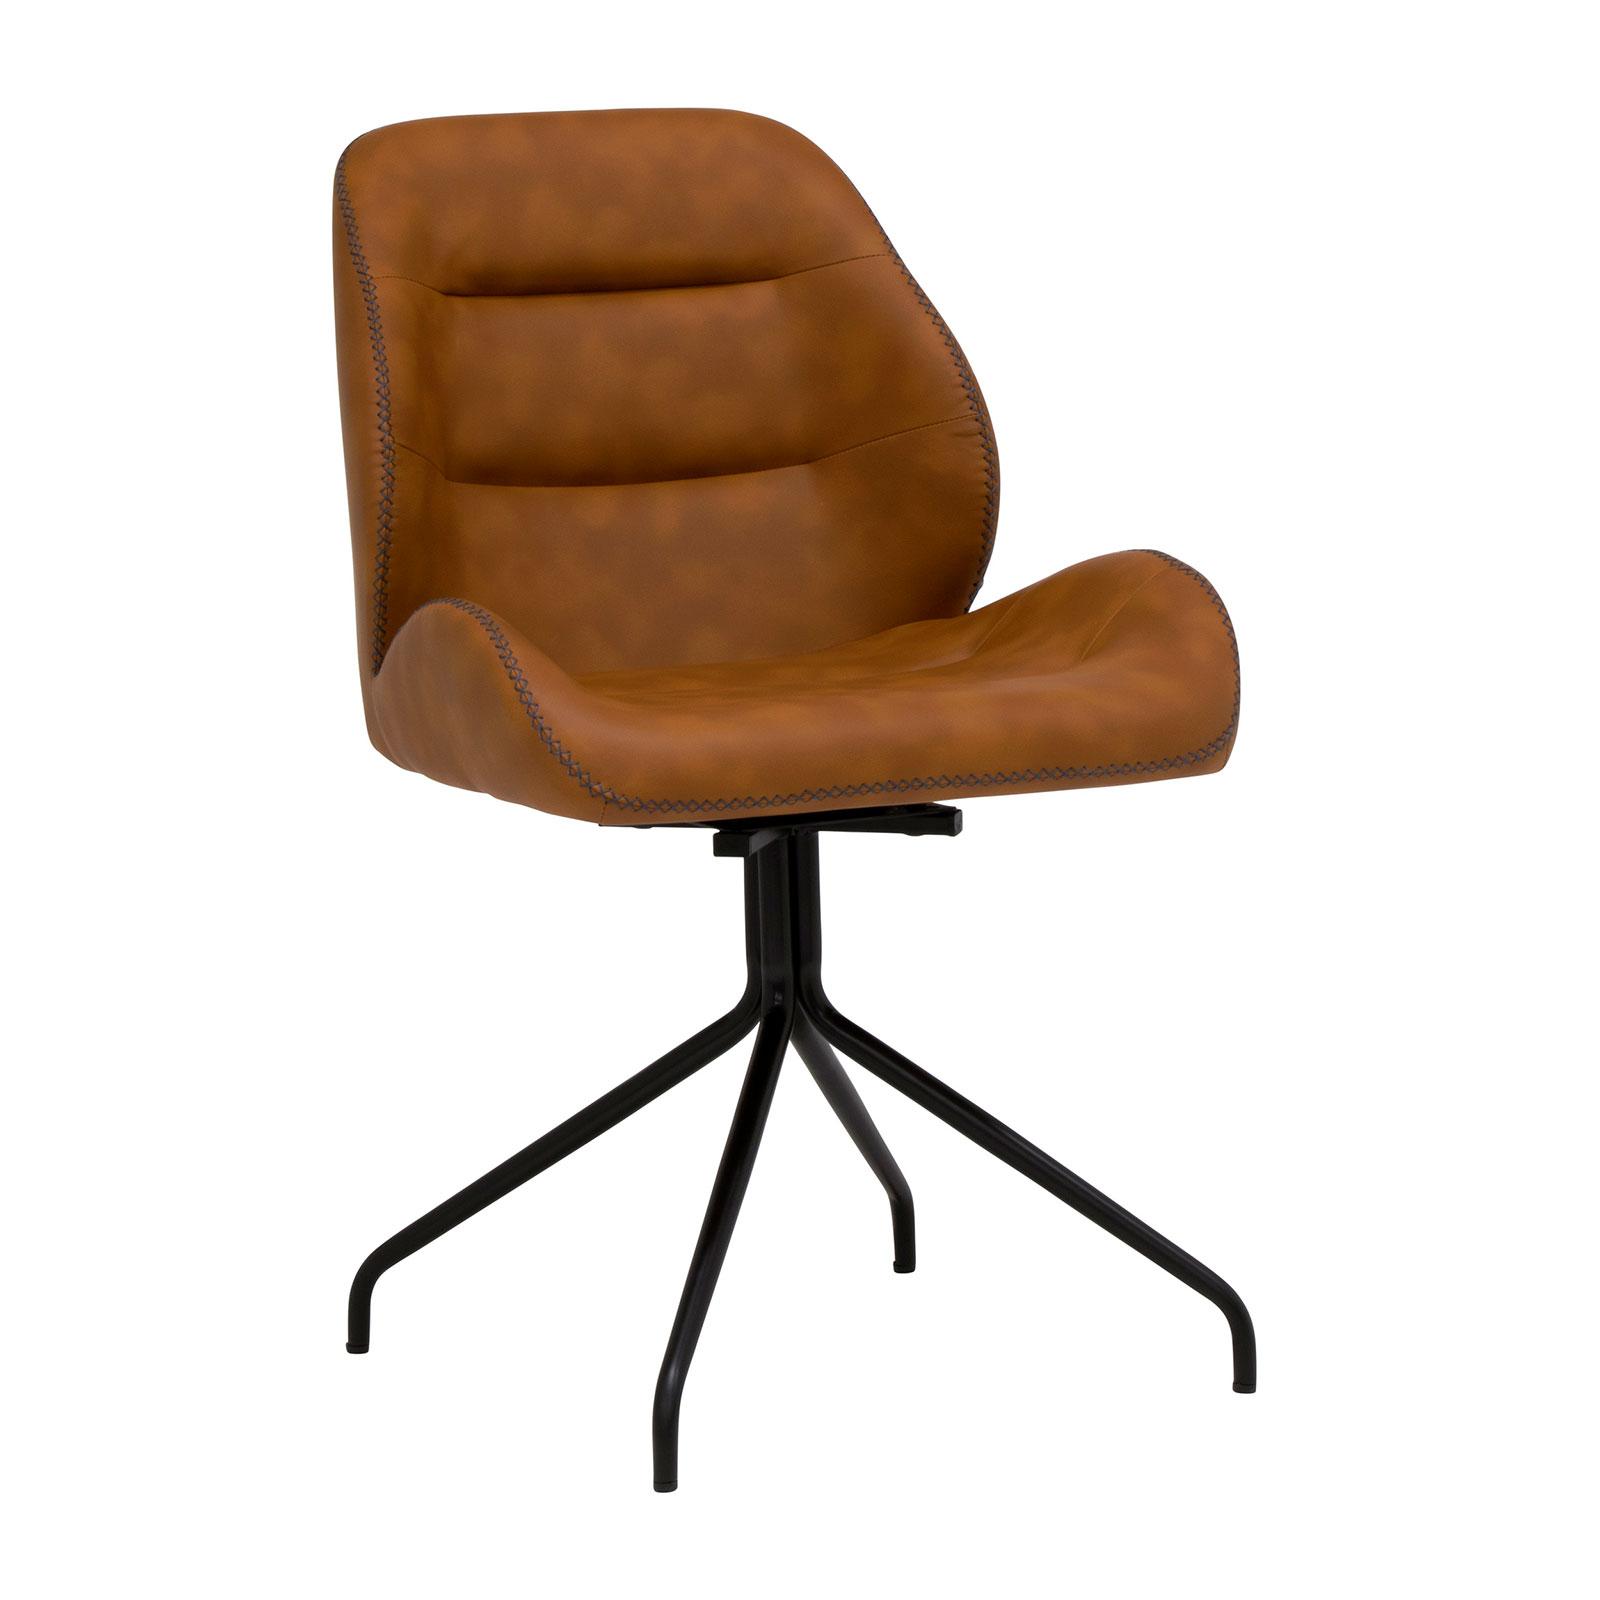 52001-Devonport-Office-Chair